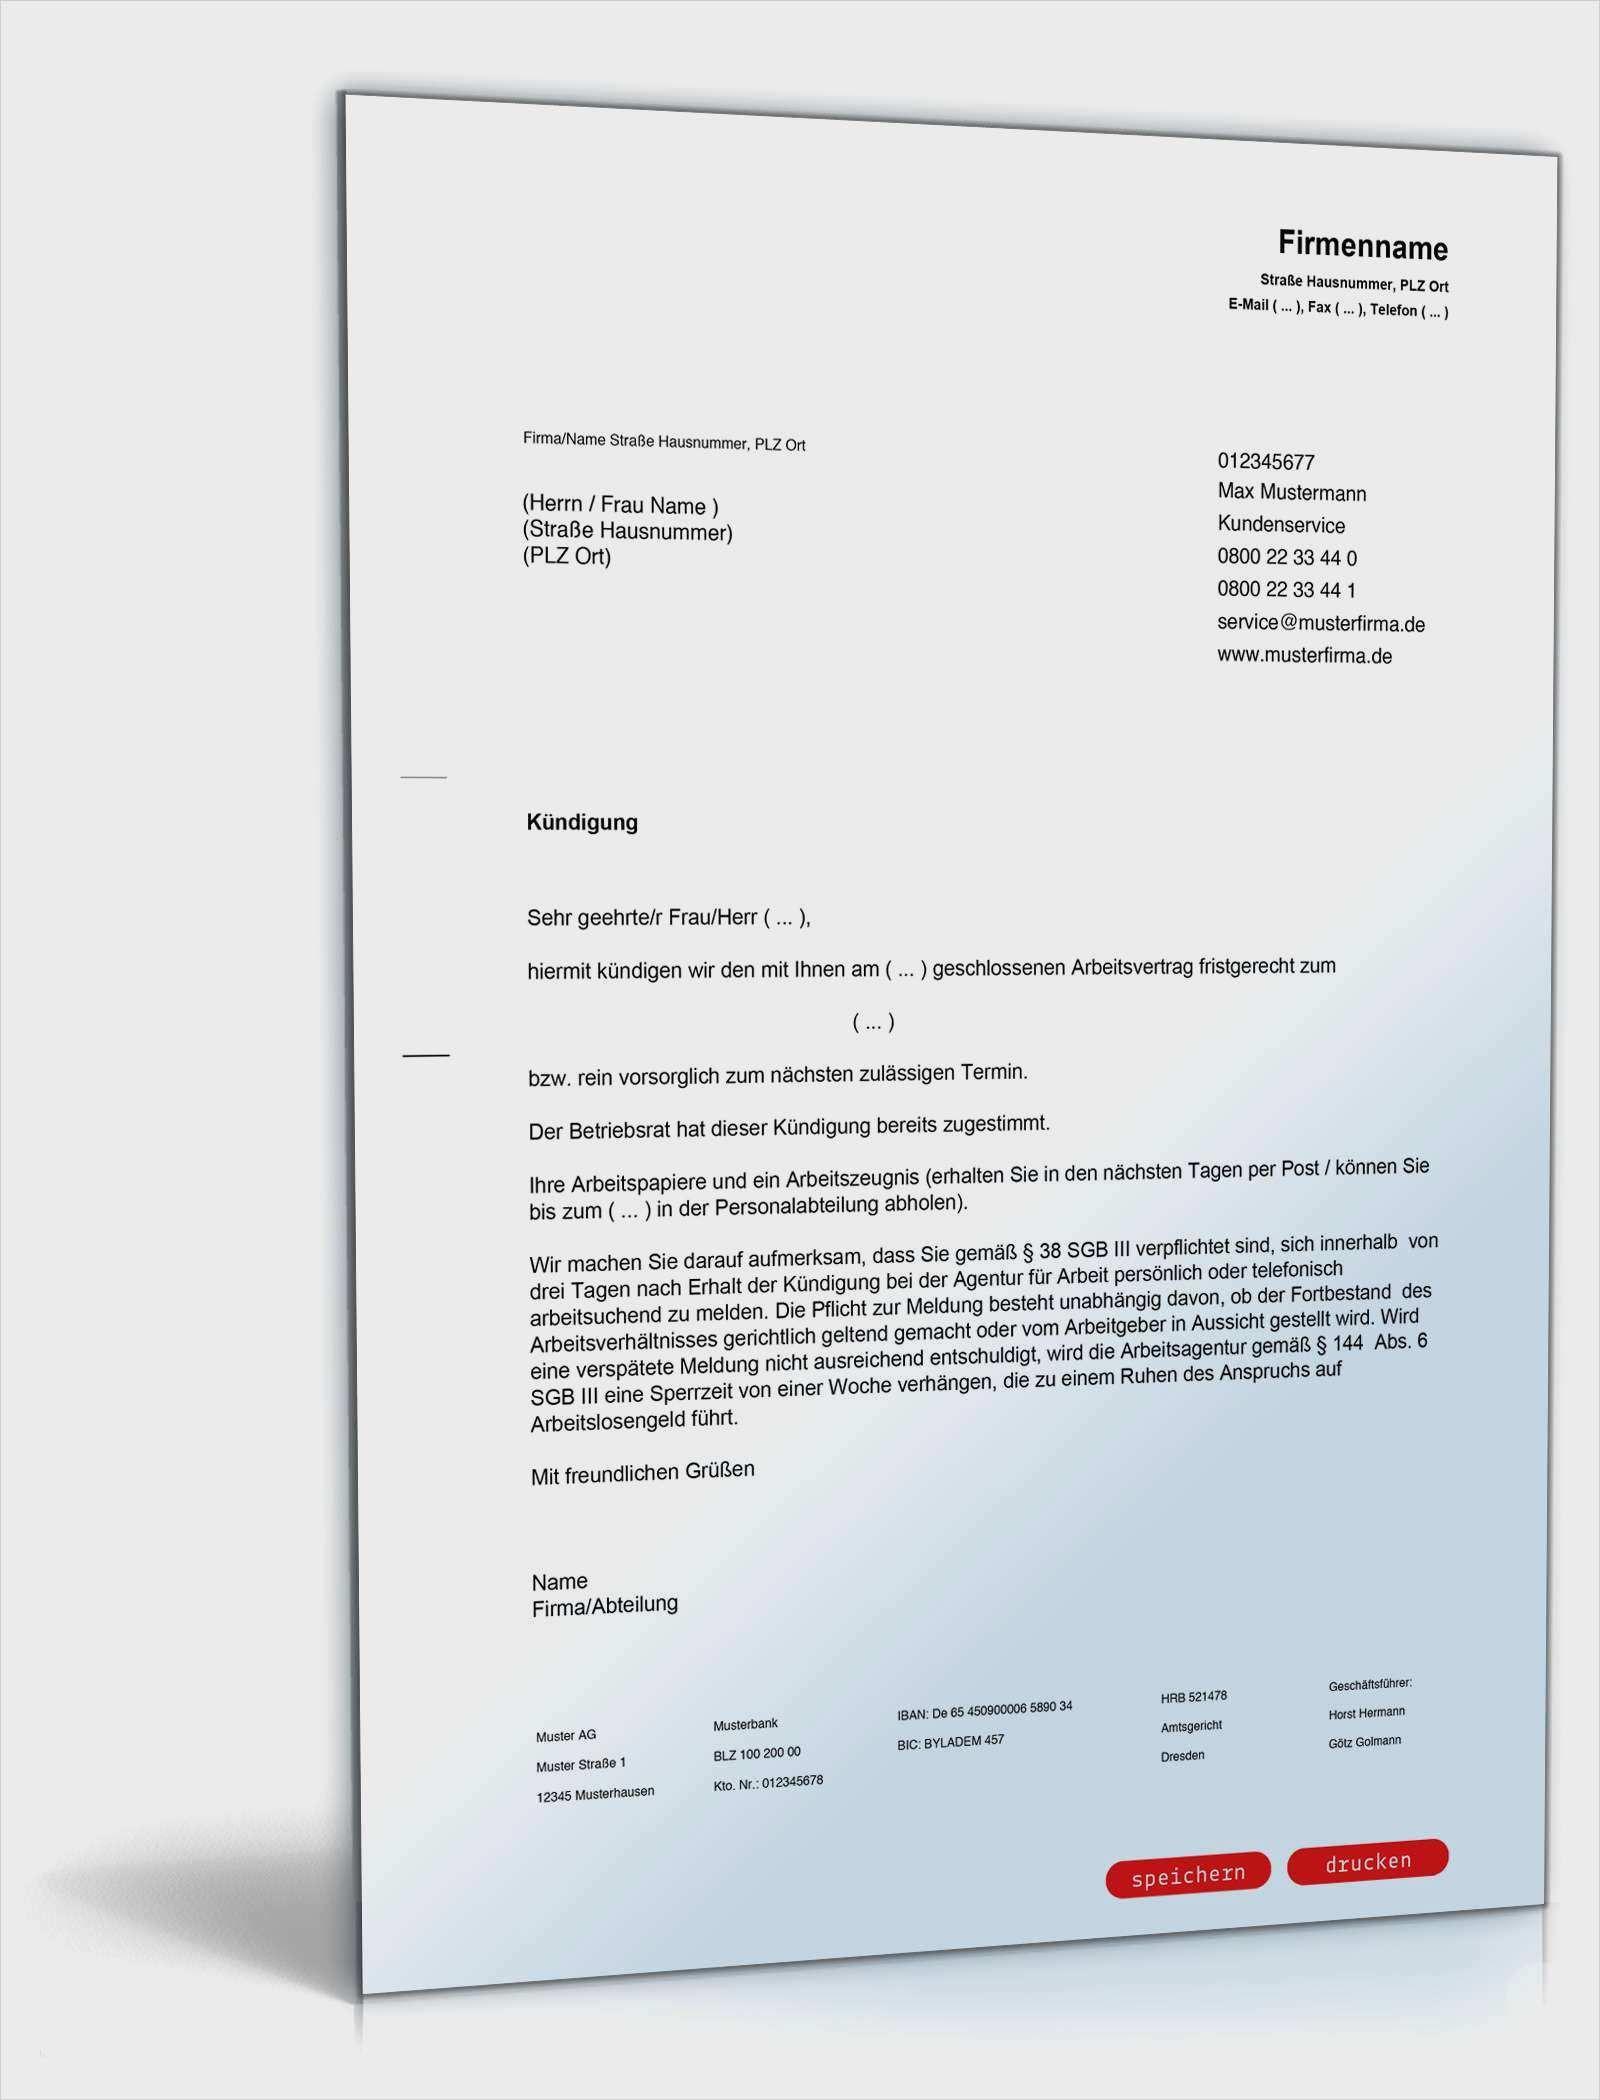 Fuhrungszeugnis Vorlage Arbeitgeber 48 Fabelhaft Jene Konnen Adaptieren In Ms Word Vorlagen Rechnung Vorlage Vorlagen Word